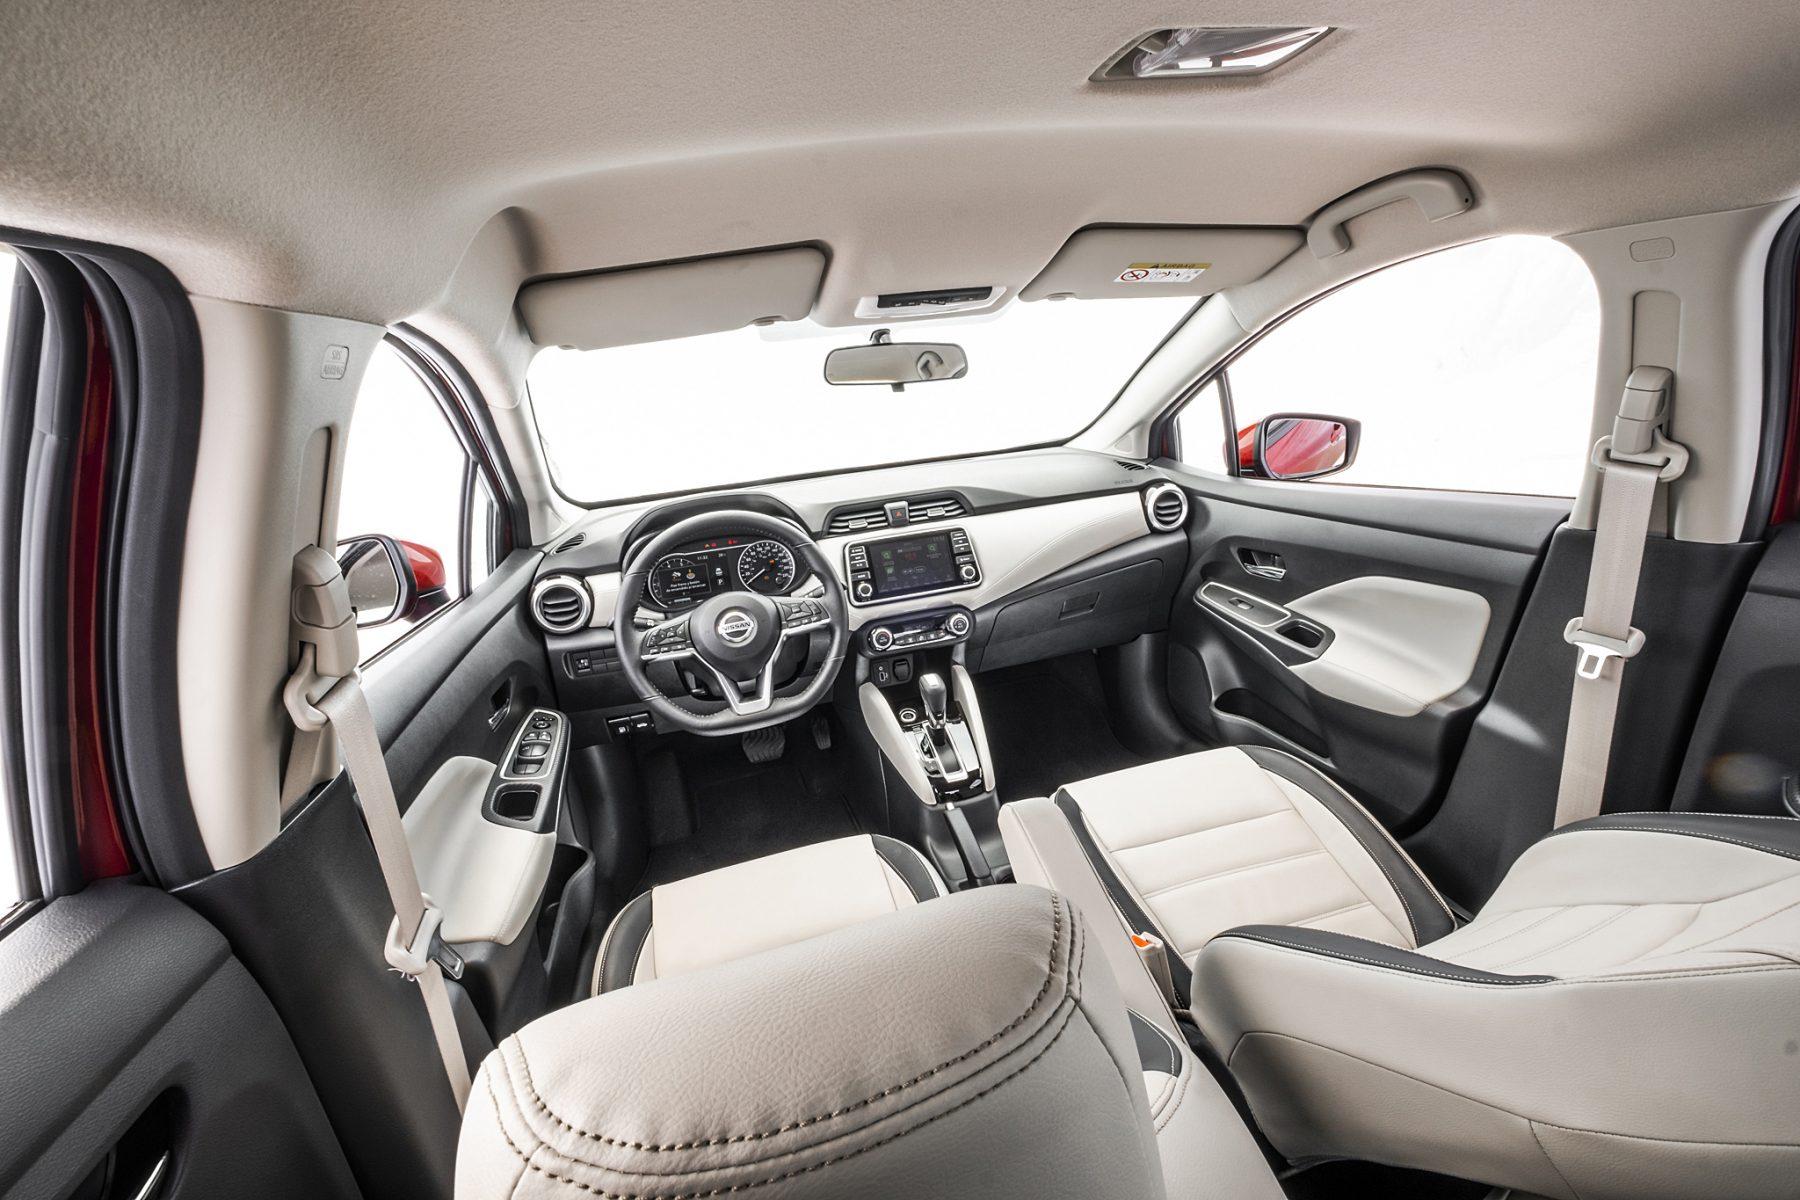 Nissan-Versa-2021-739-e1605735618696.jpg